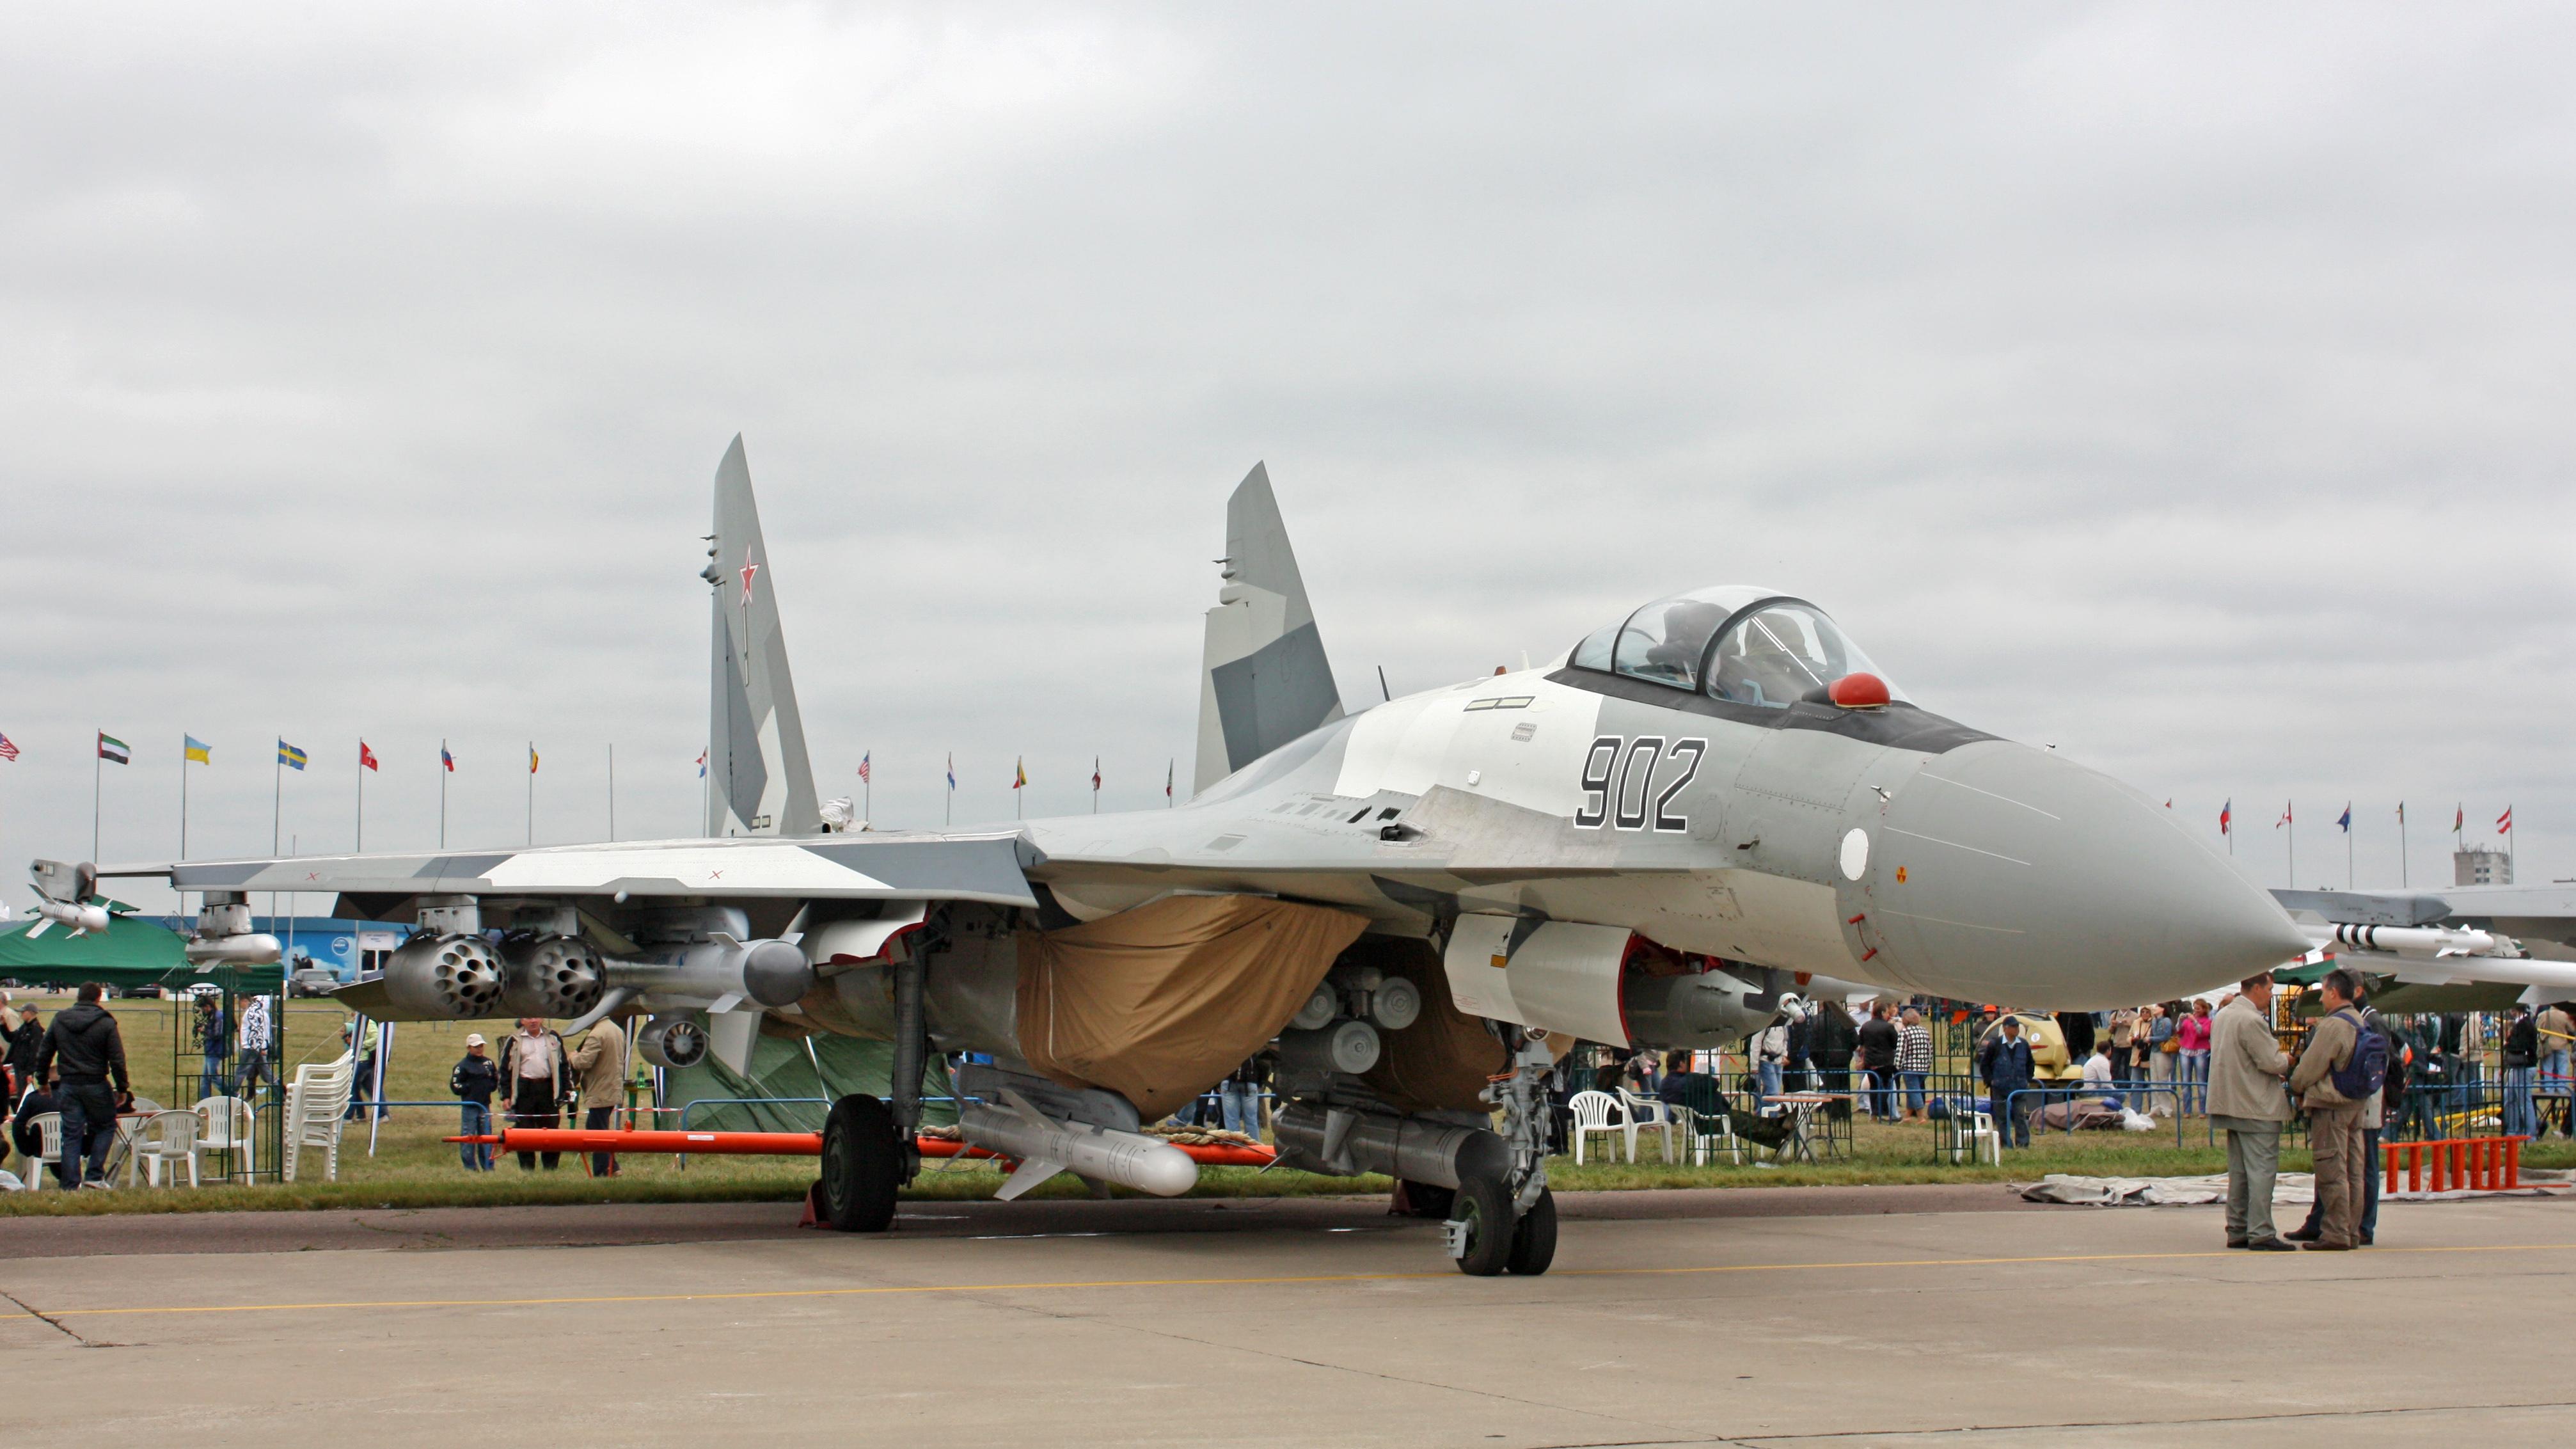 cazas de superioridad aerea